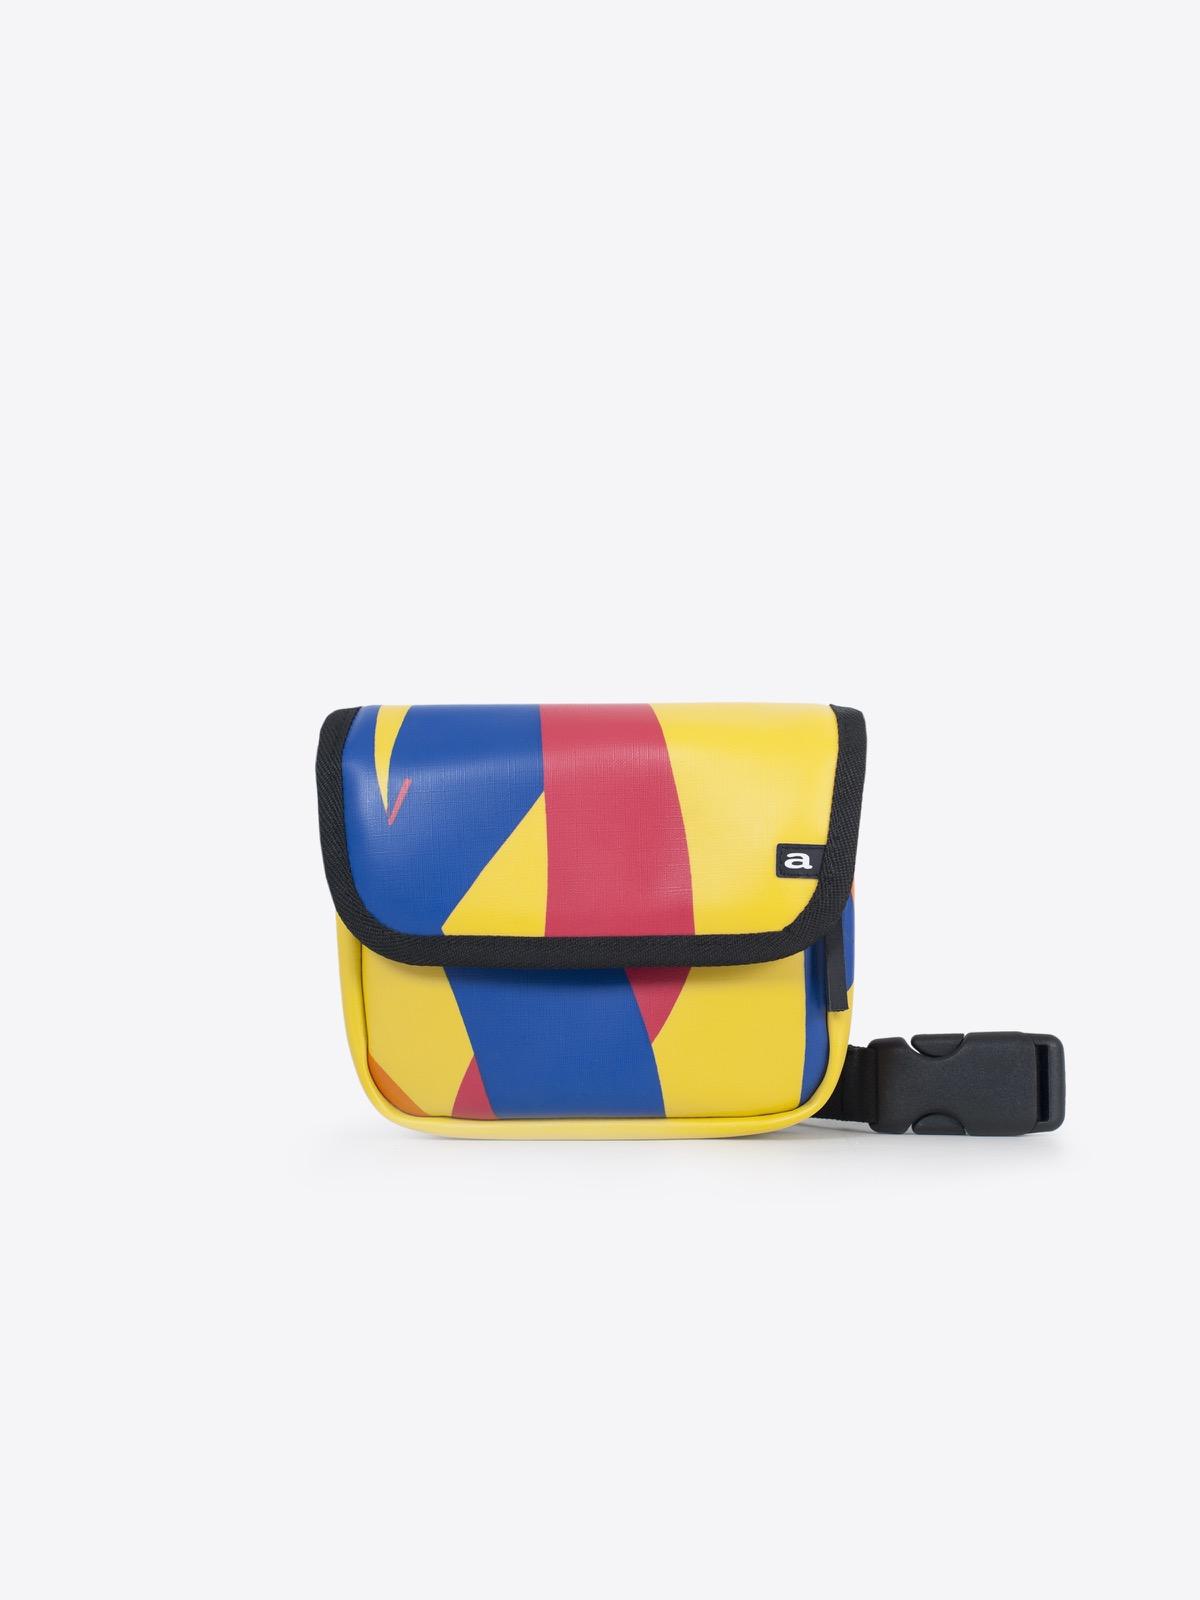 airbag craftworks zip   177